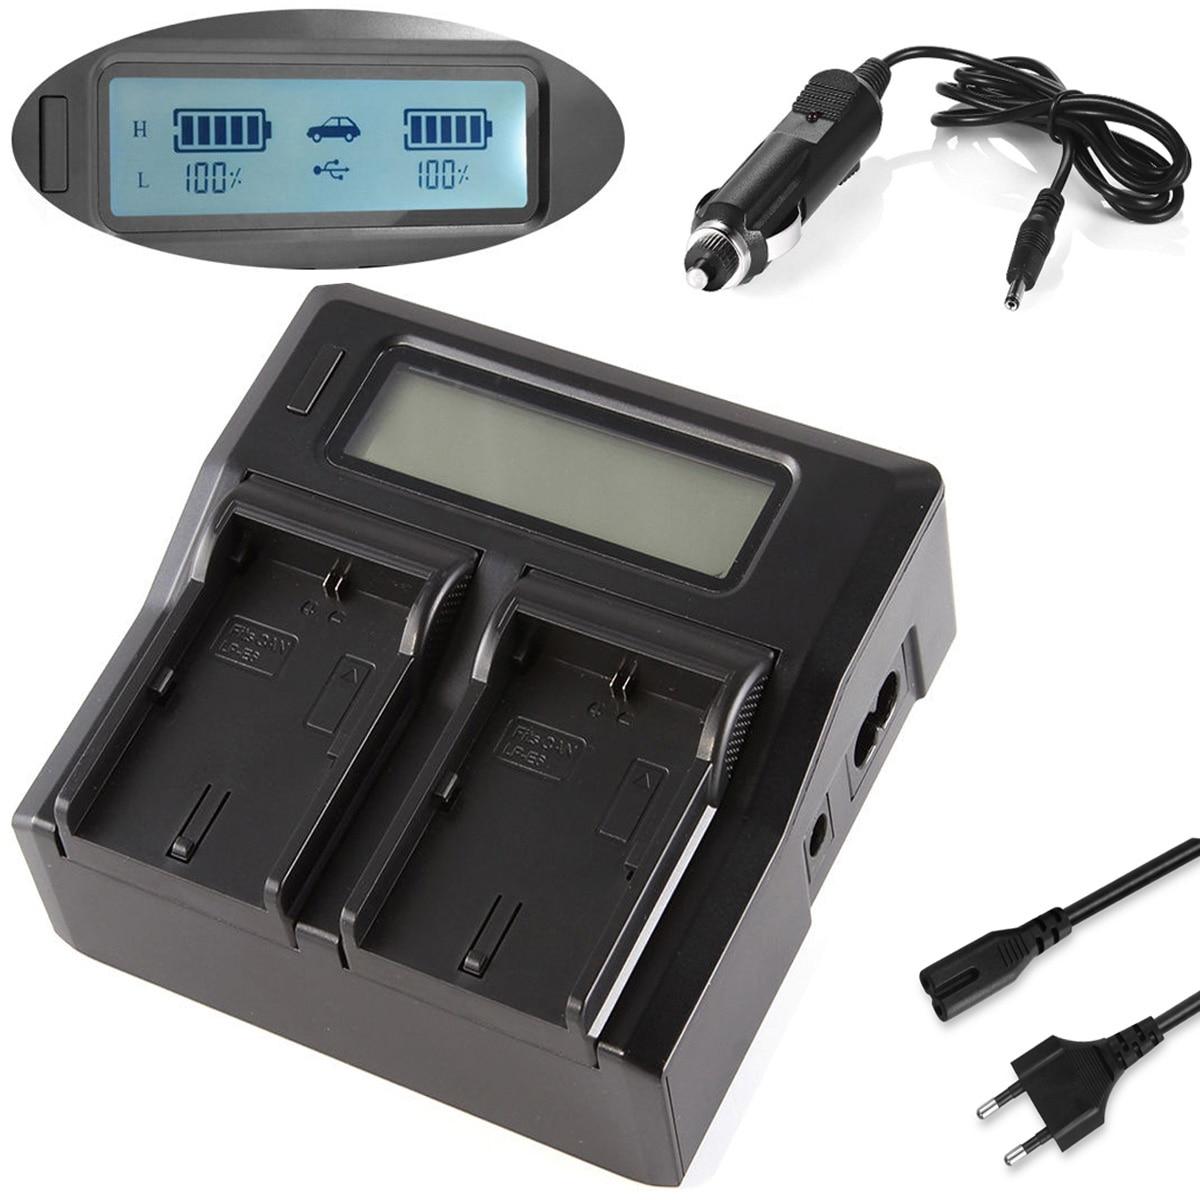 Cargador de batería rápido LCD para Sony HVR-A1, HVR-A1E, HVR-A1U, HDR-HC1, HDR-HC1E,...